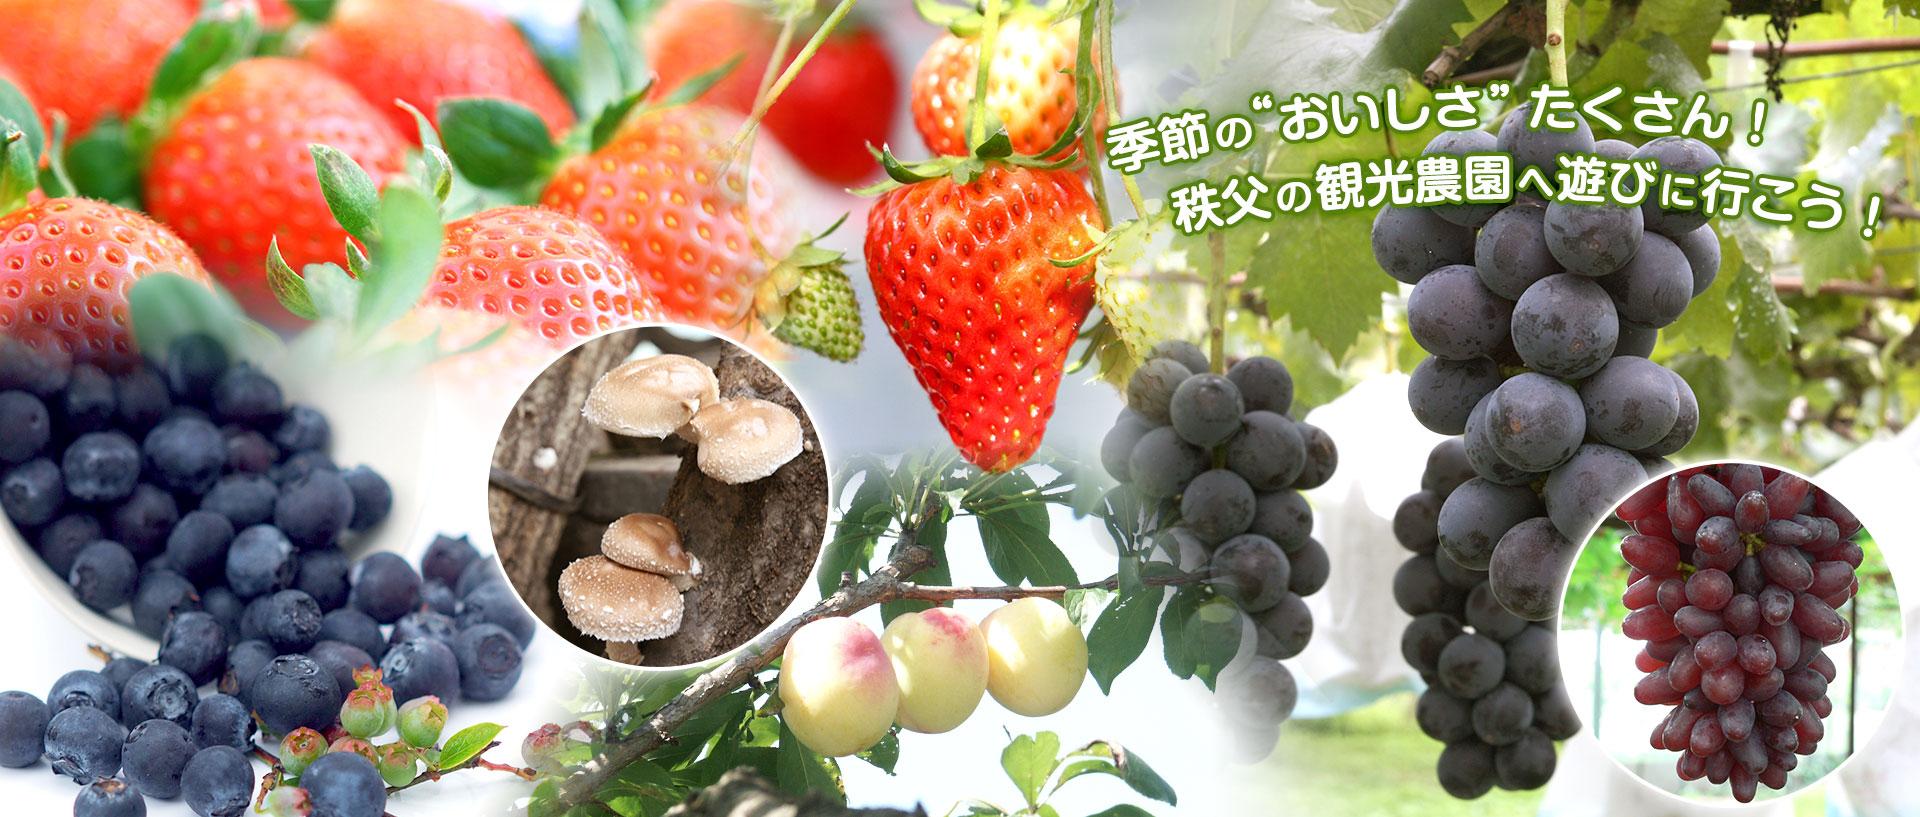 秩父観光農林業協会:メインイメージ